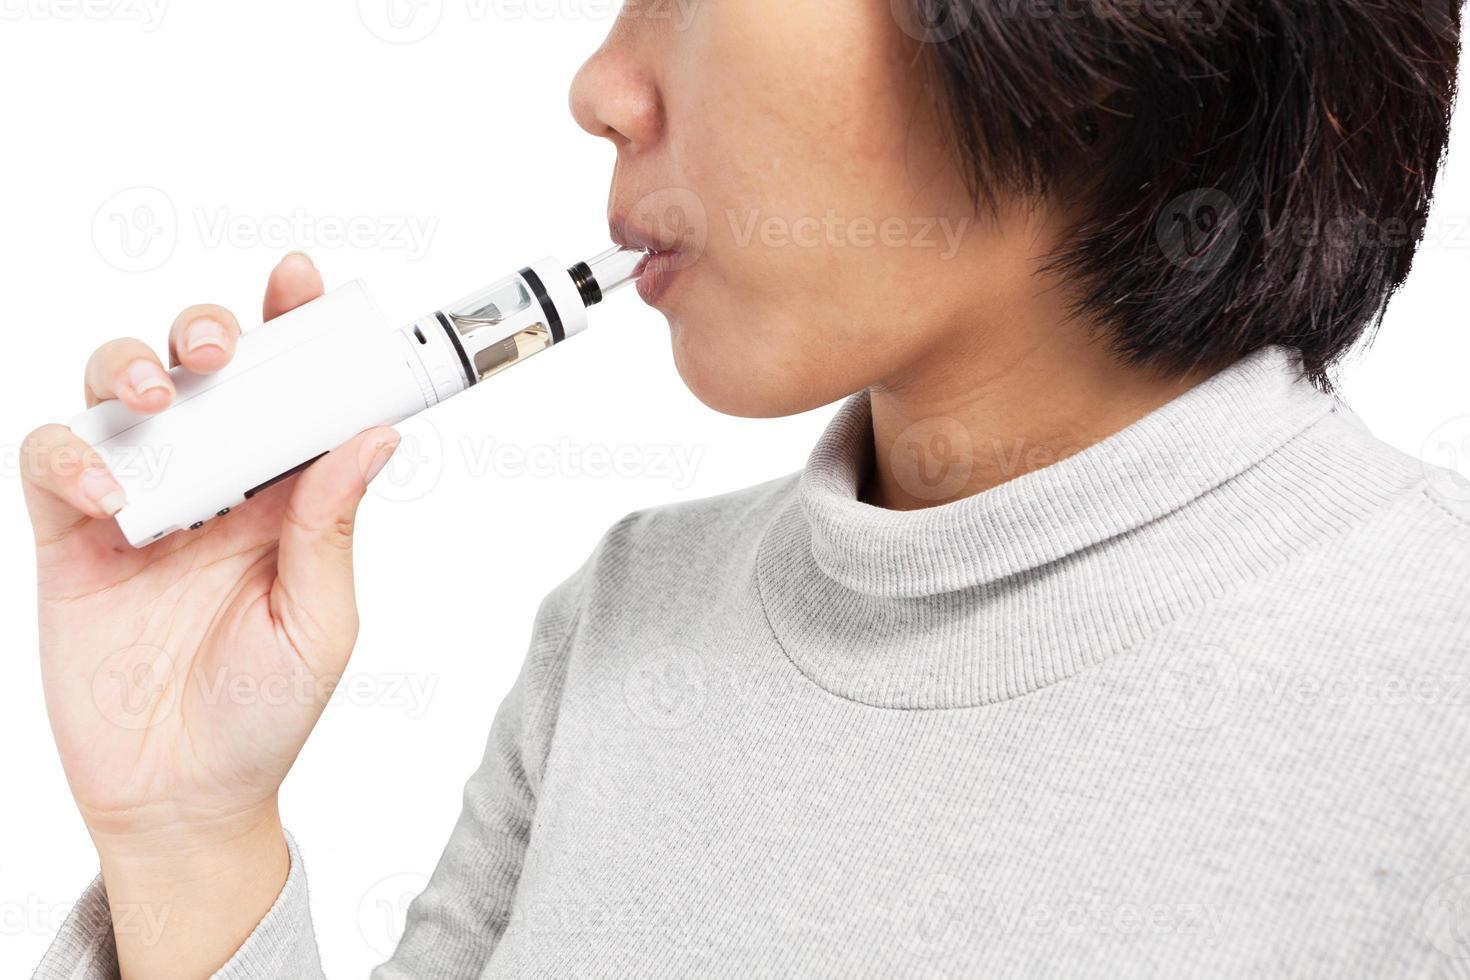 femme asiatique inhalant d'une cigarette électronique. photo